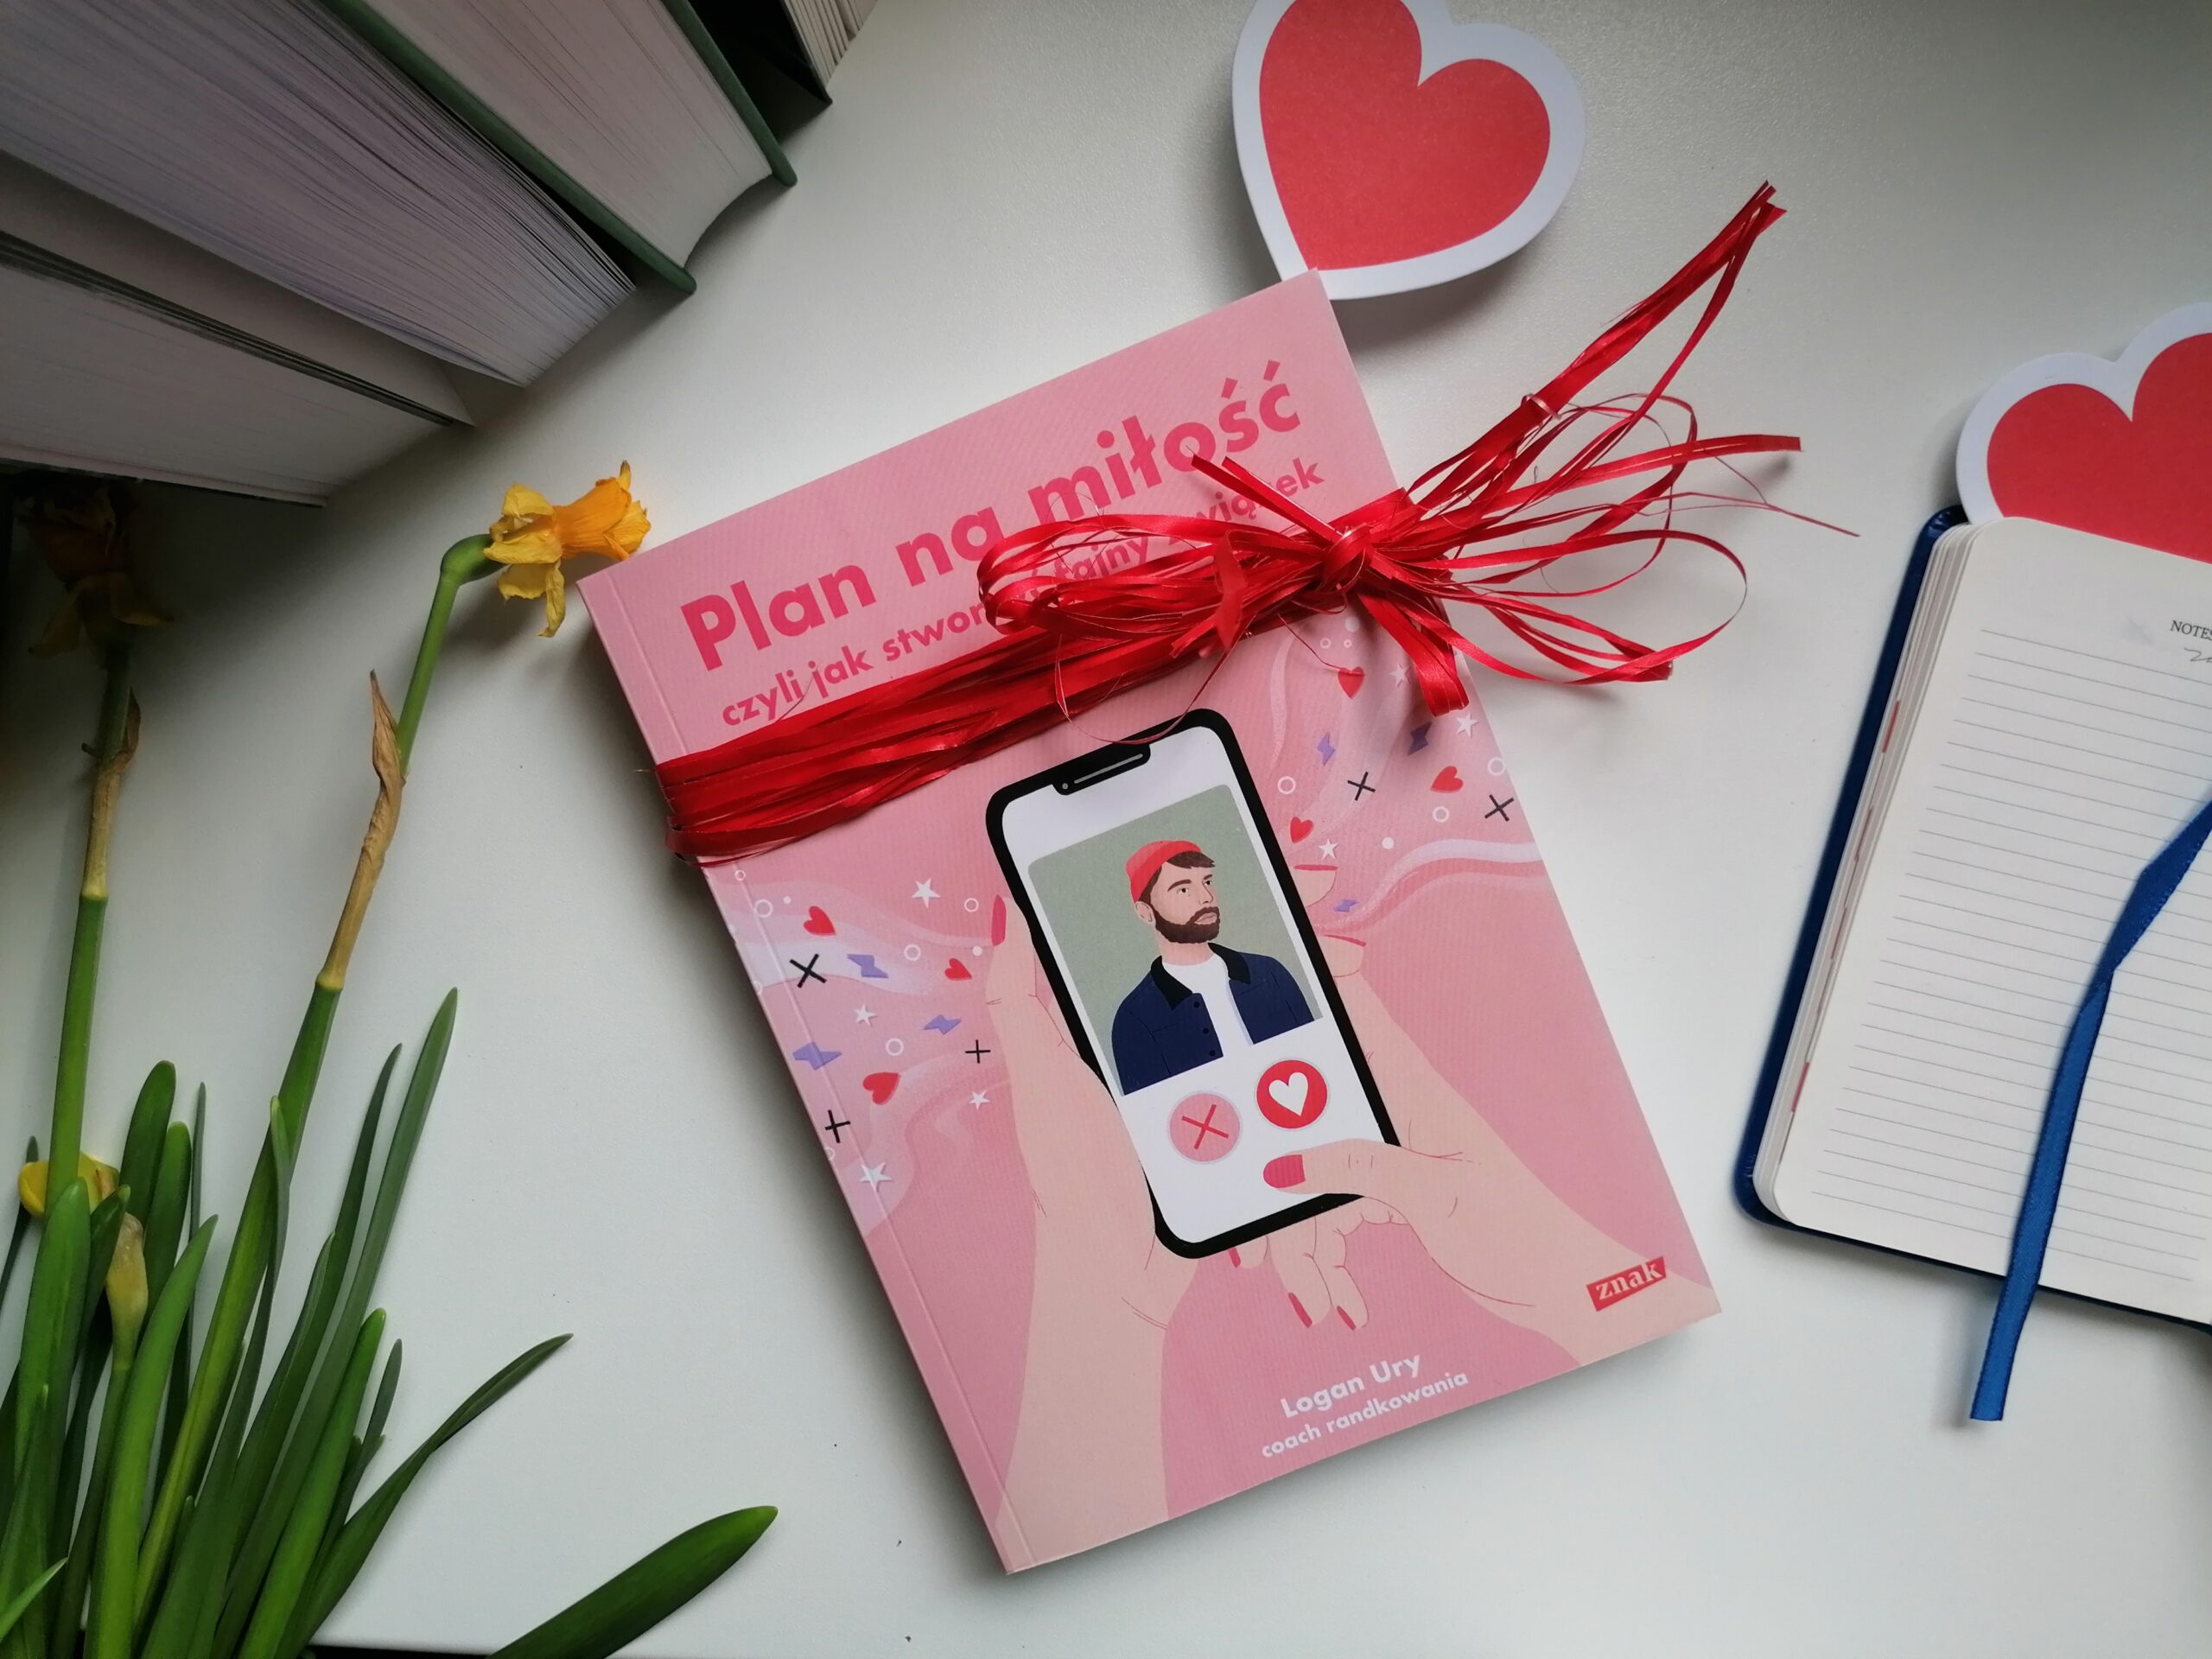 Recenzja: Plan na miłość, czyli jak stworzyć fajny związek - Logan Ury